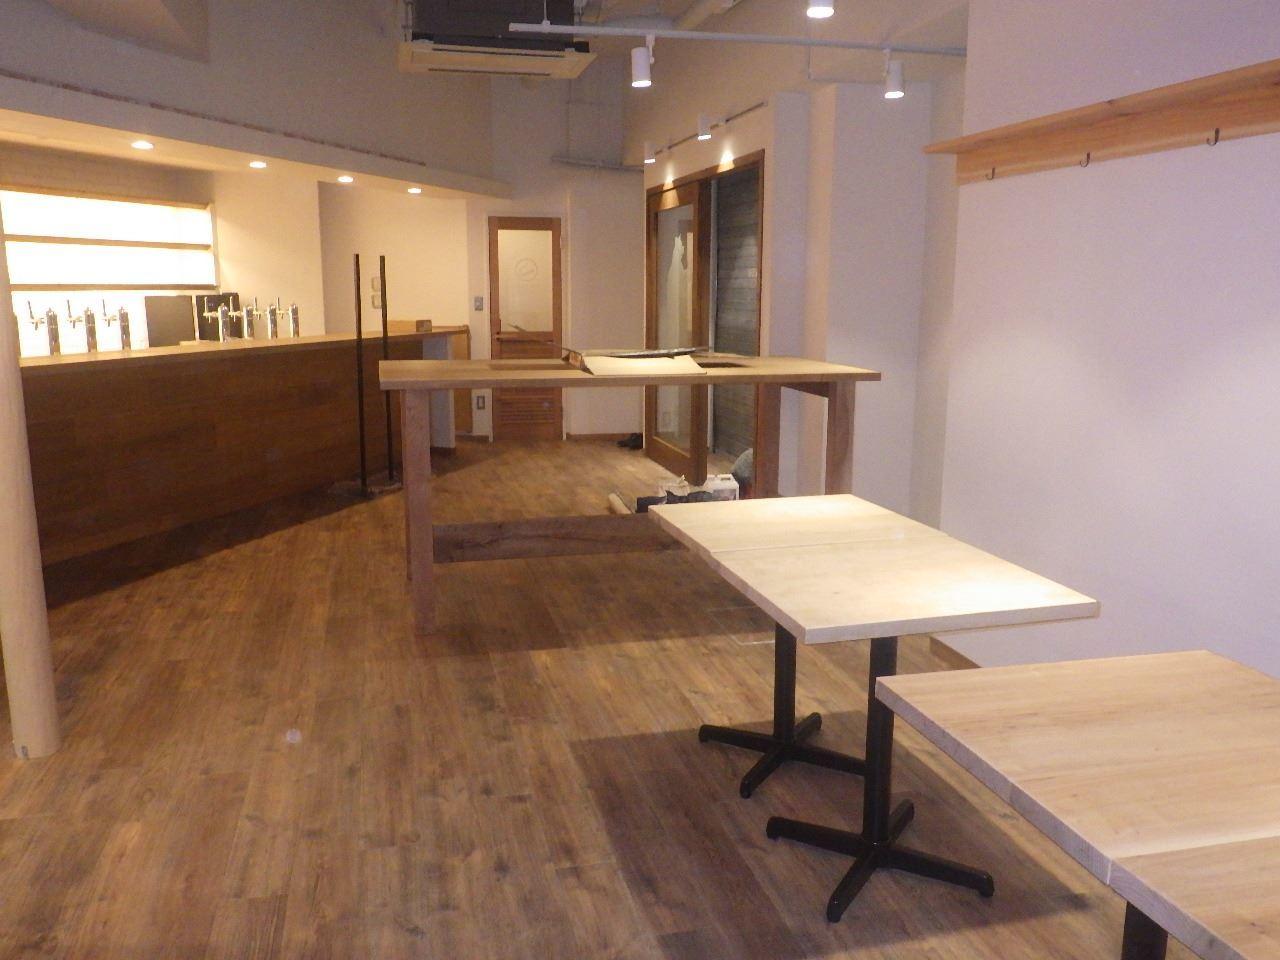 ベアレン醸造所様 駅前新店舗開店工事 工事完了へ!_f0105112_06322291.jpg